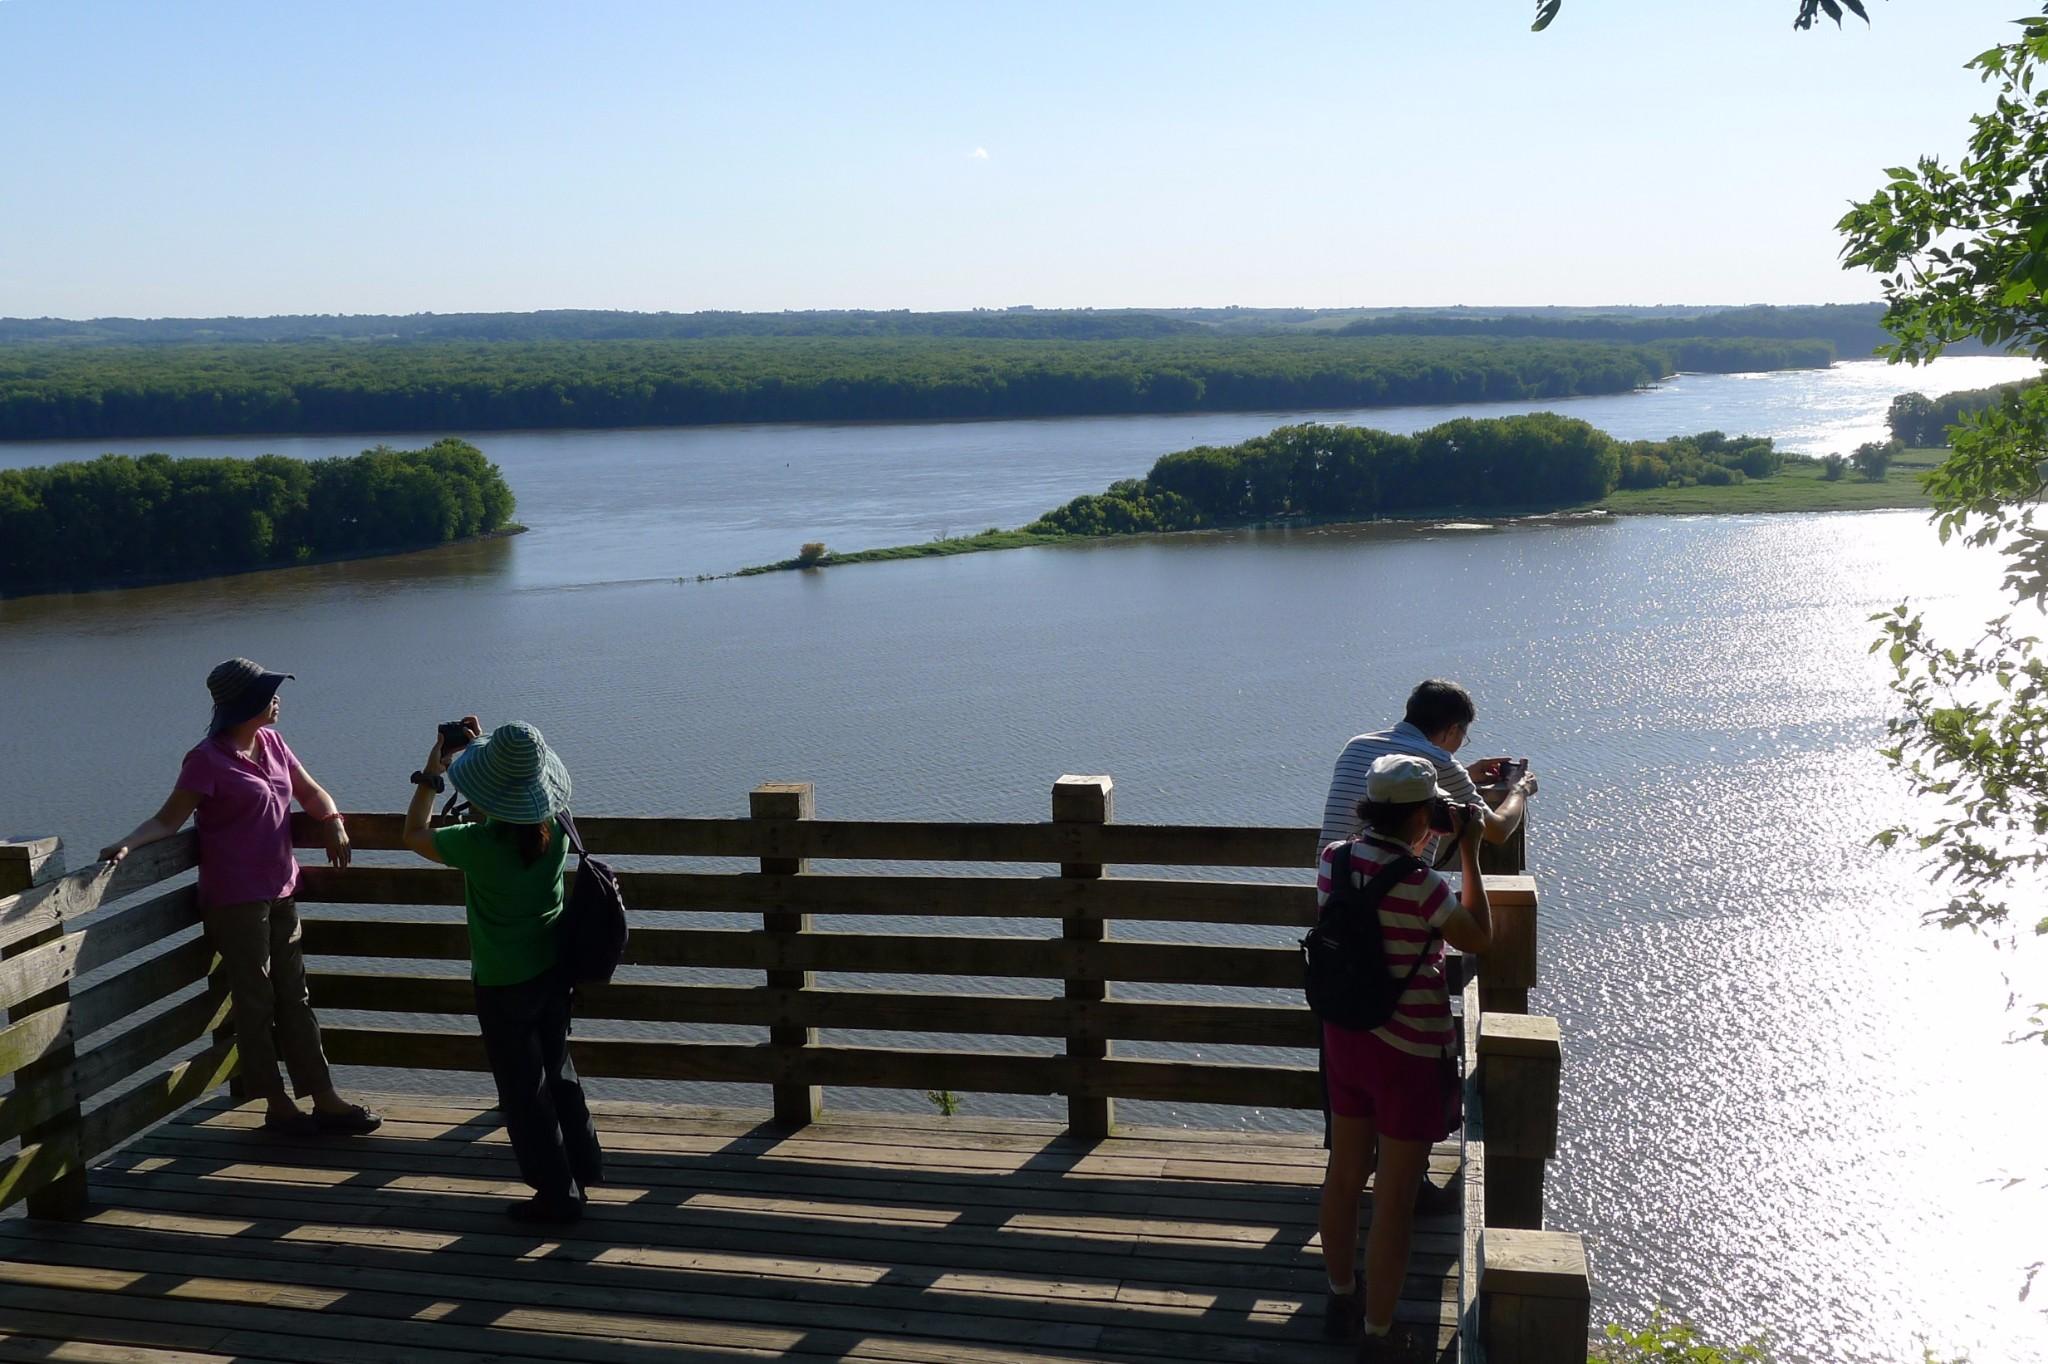 那年,我们跟着龙颖,环游美加(十二) 密西西比Mississippi——美国的母亲河